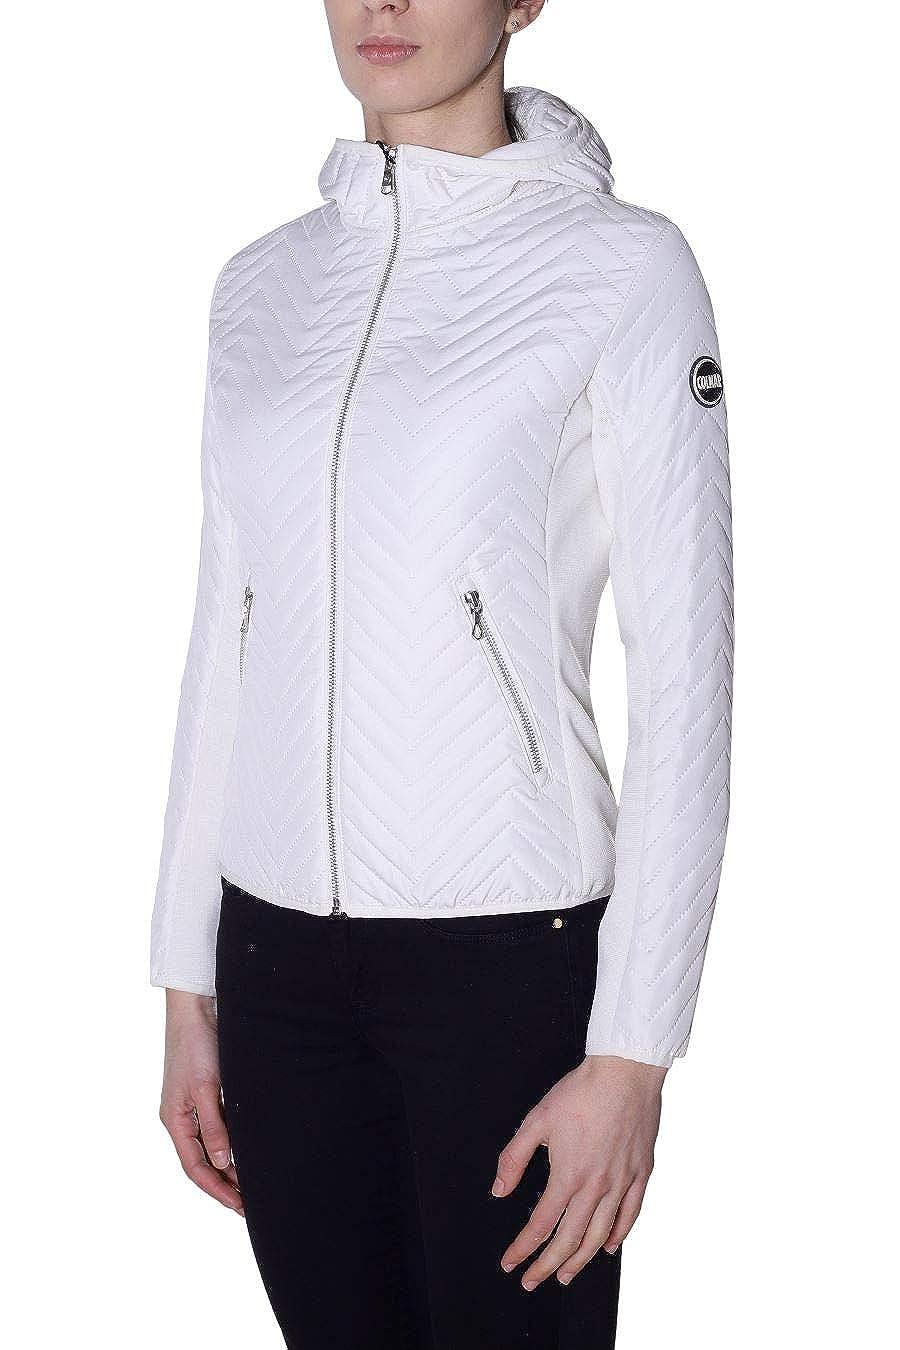 233 8 Colmar Women's Track Jacket